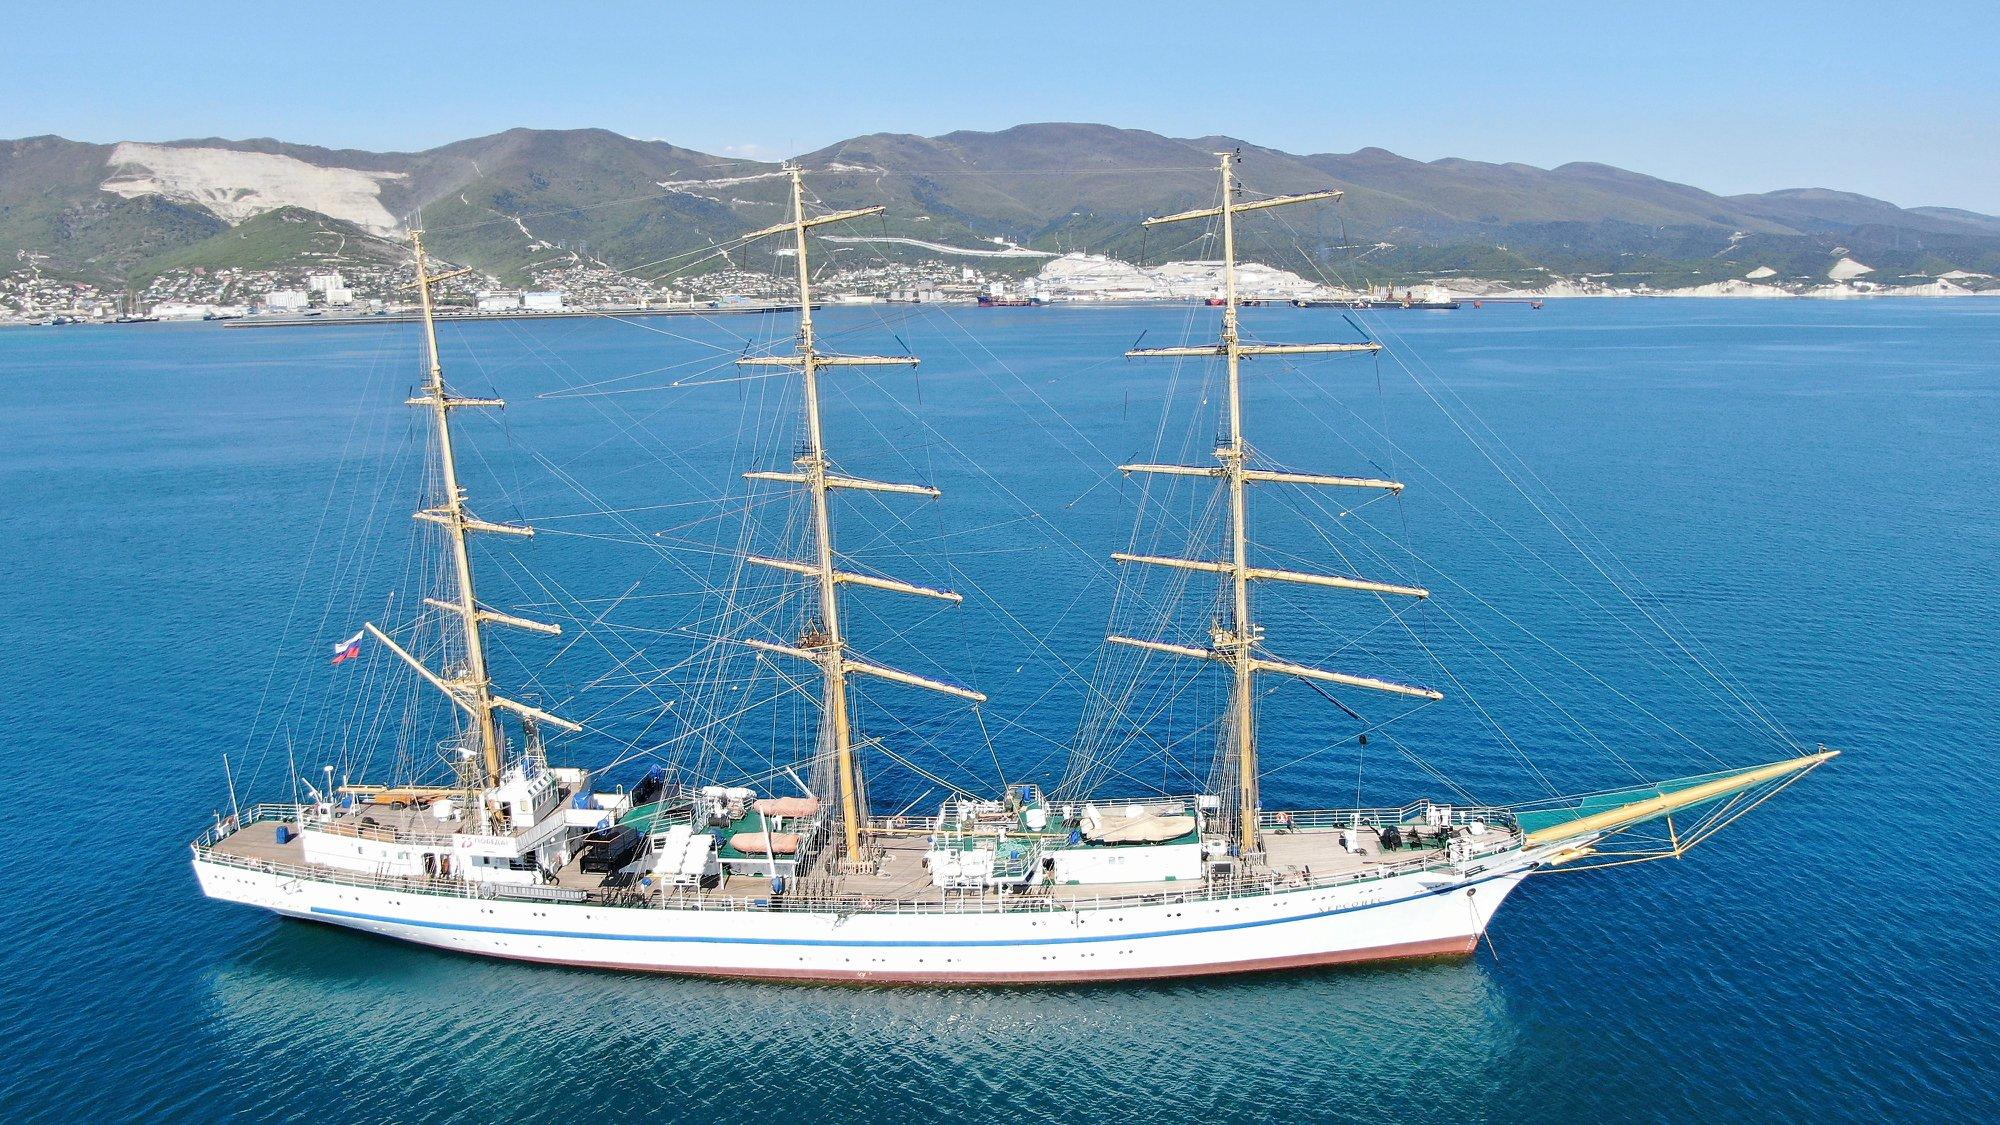 Экипаж новороссийской женской яхты «Колумб» стал серебряным призером розыгрыша Кубка парусника «Херсонес»